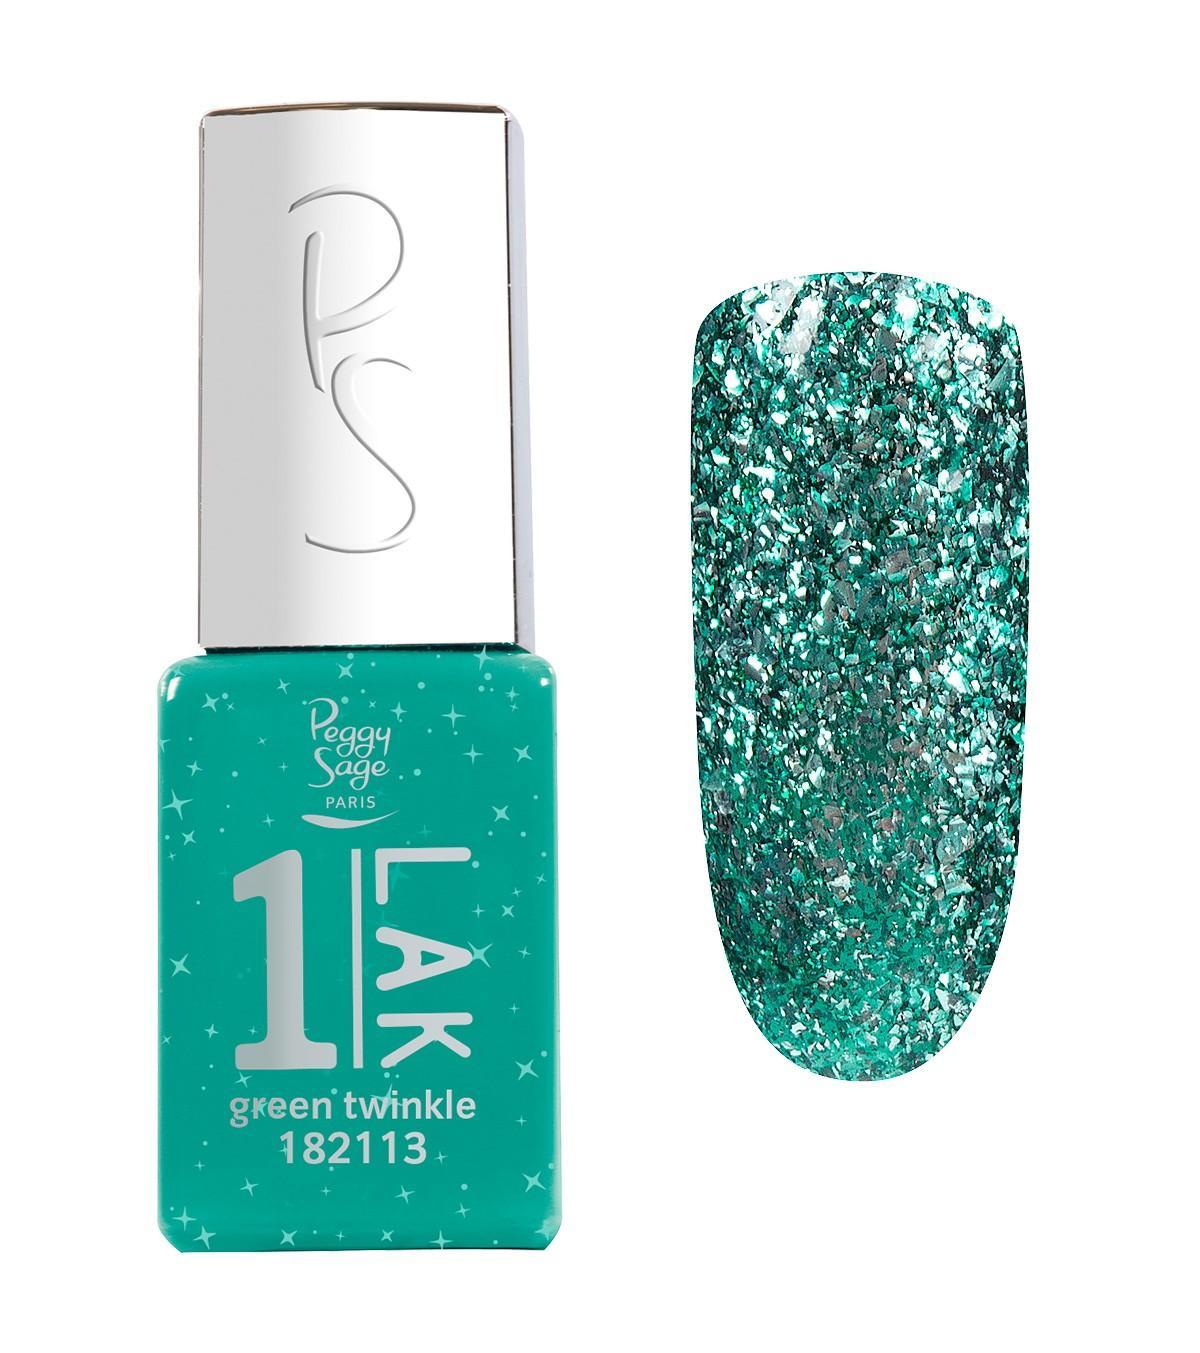 1-LAK Green twinkle